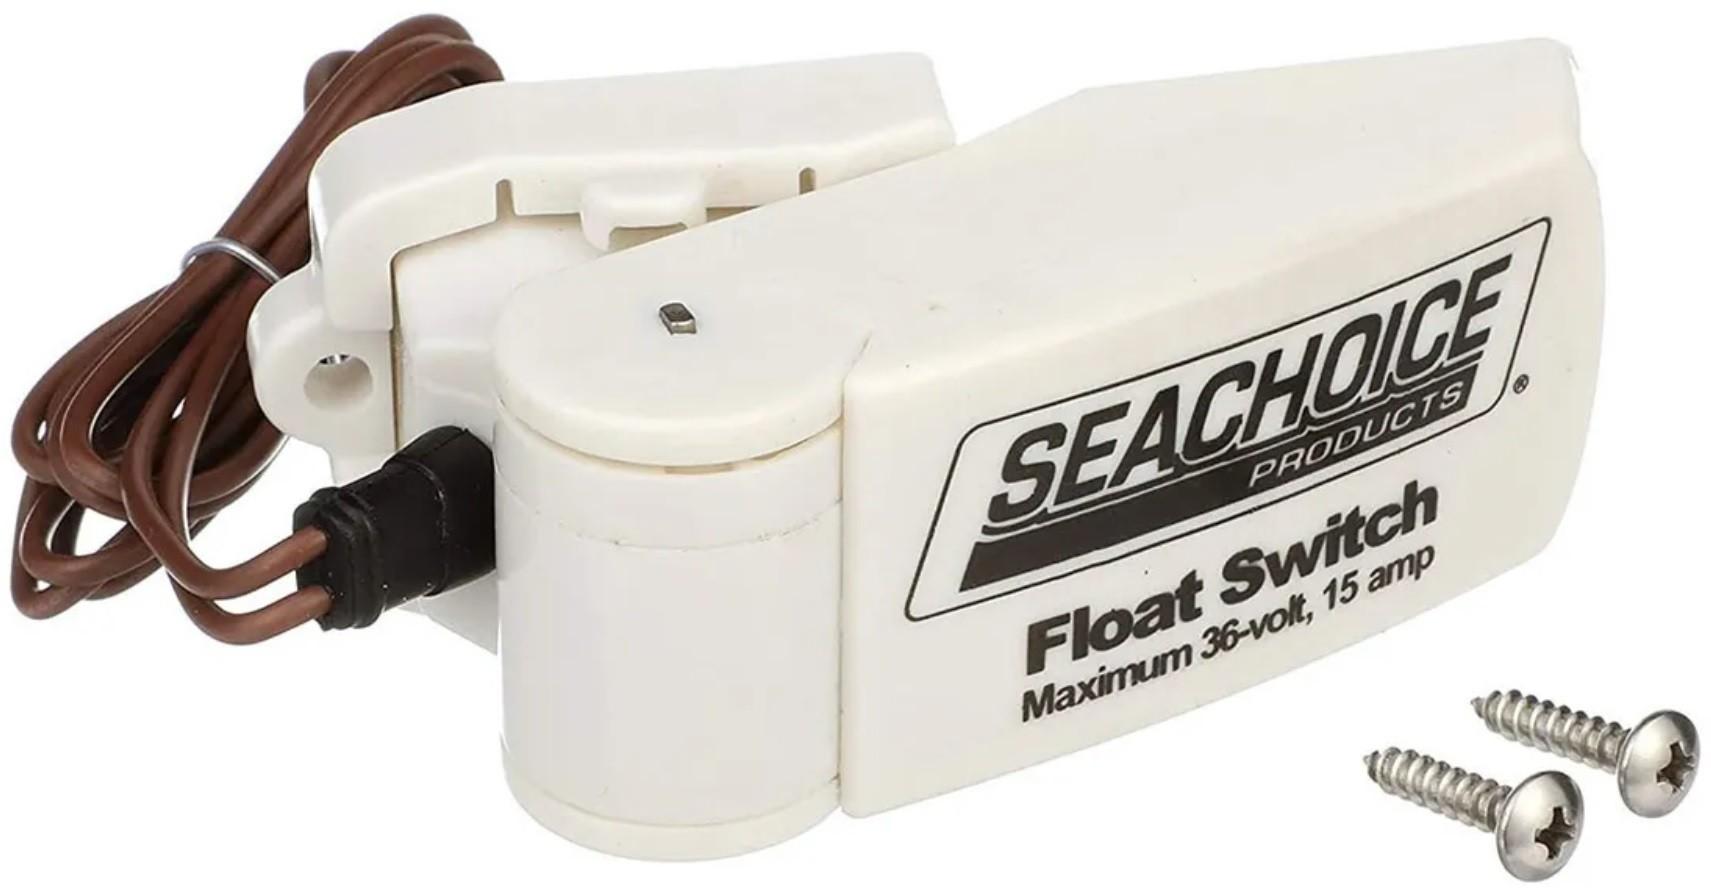 Automático Seachoice 15A para Bombas de Porão 12V/24V/36V (Chave Boia Flutuante) de Barcos e Lanchas